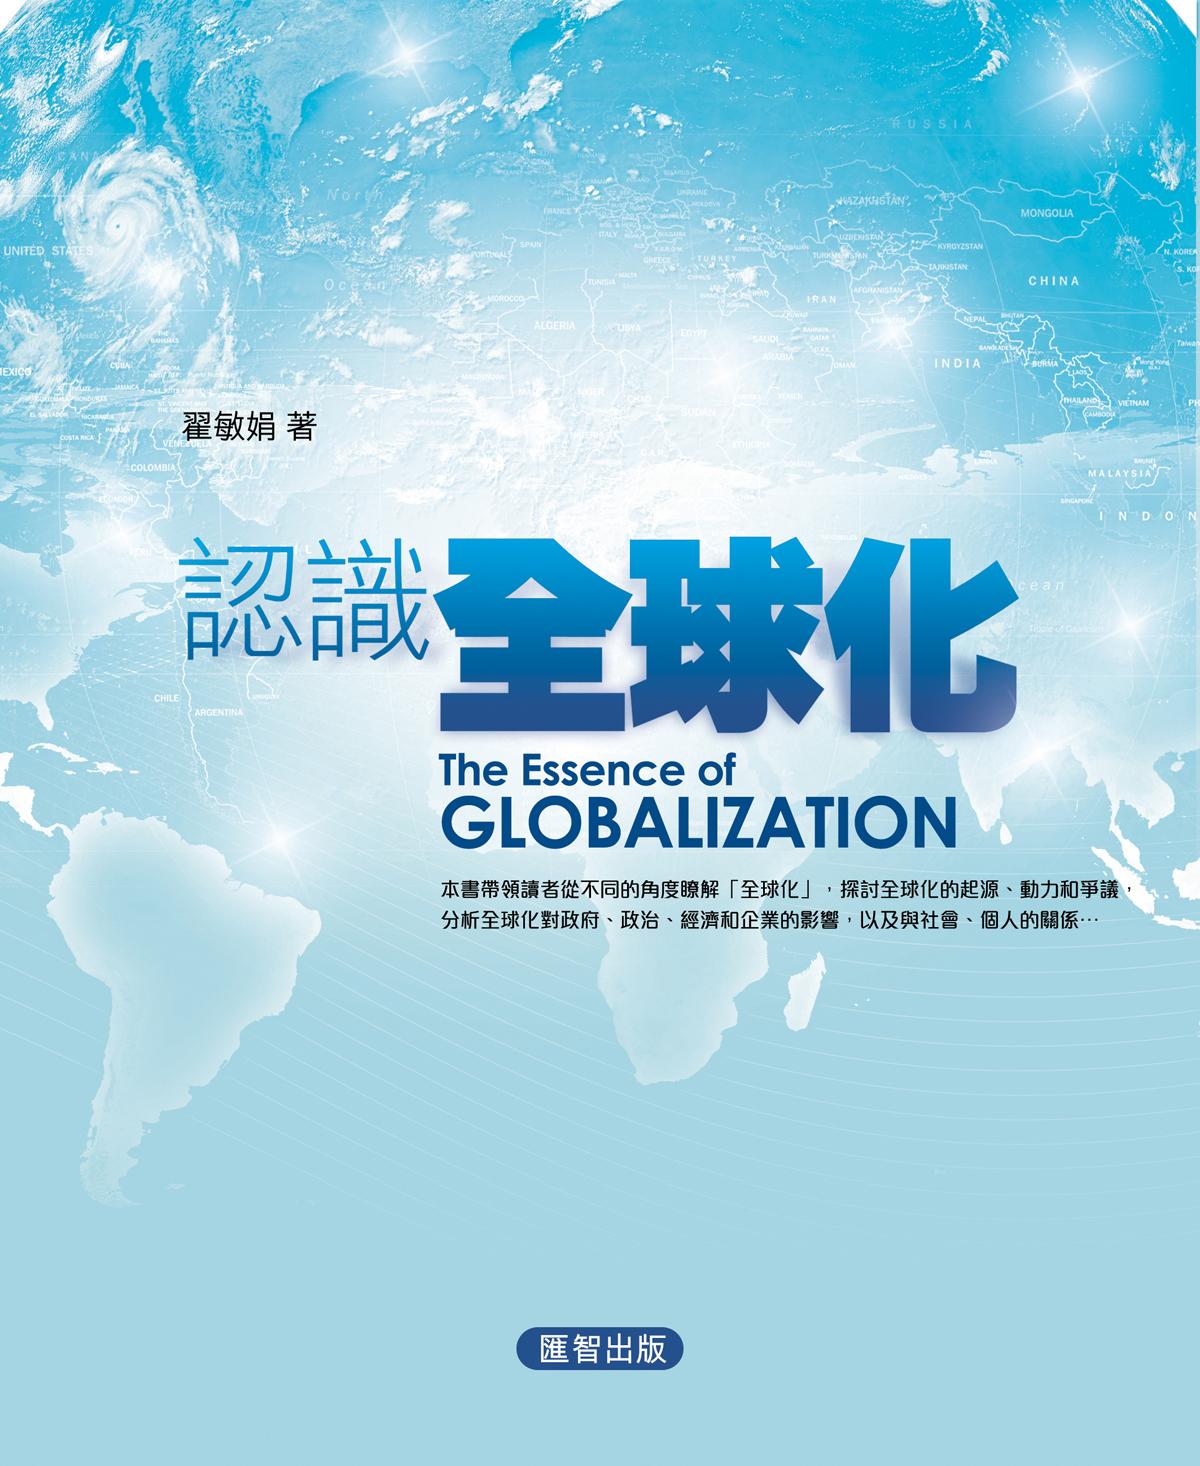 認識全球化